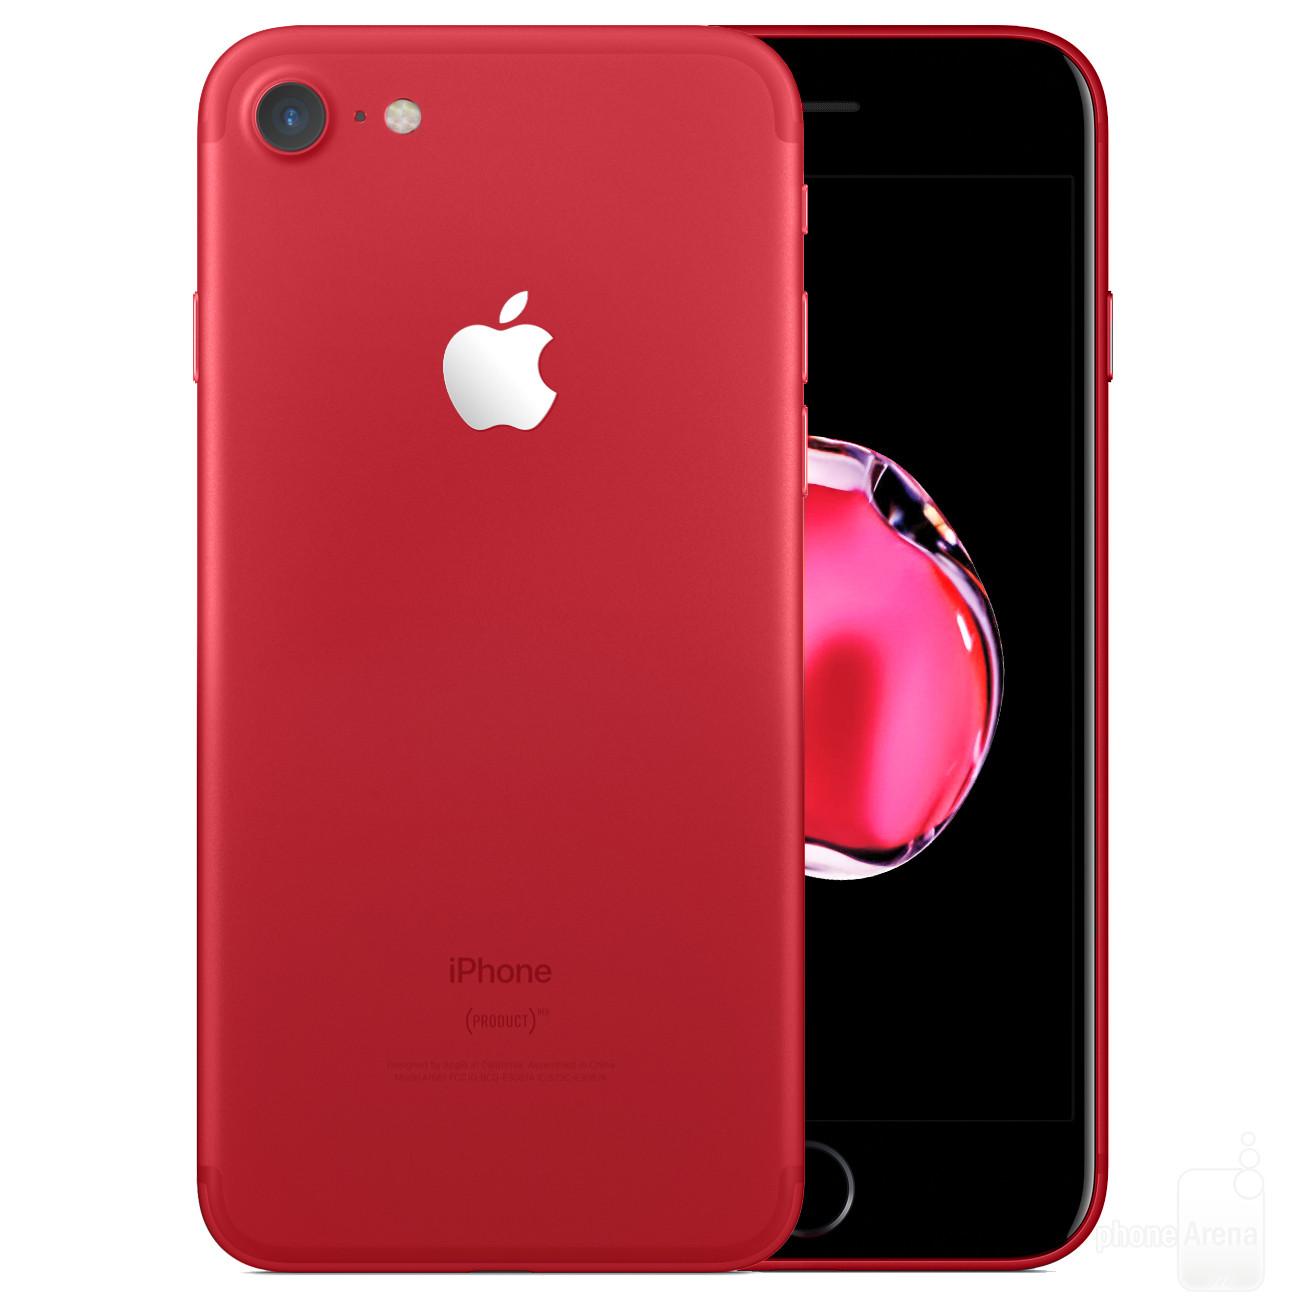 Kết quả hình ảnh cho iphone 7 đỏ